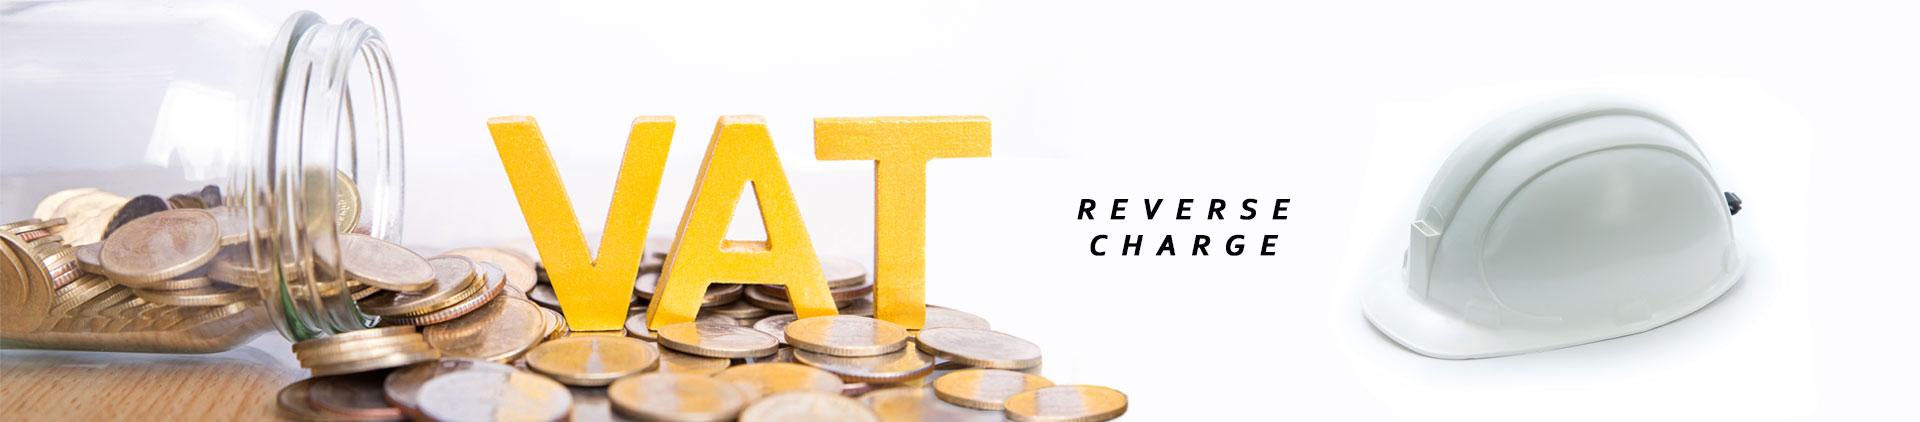 RC VAT